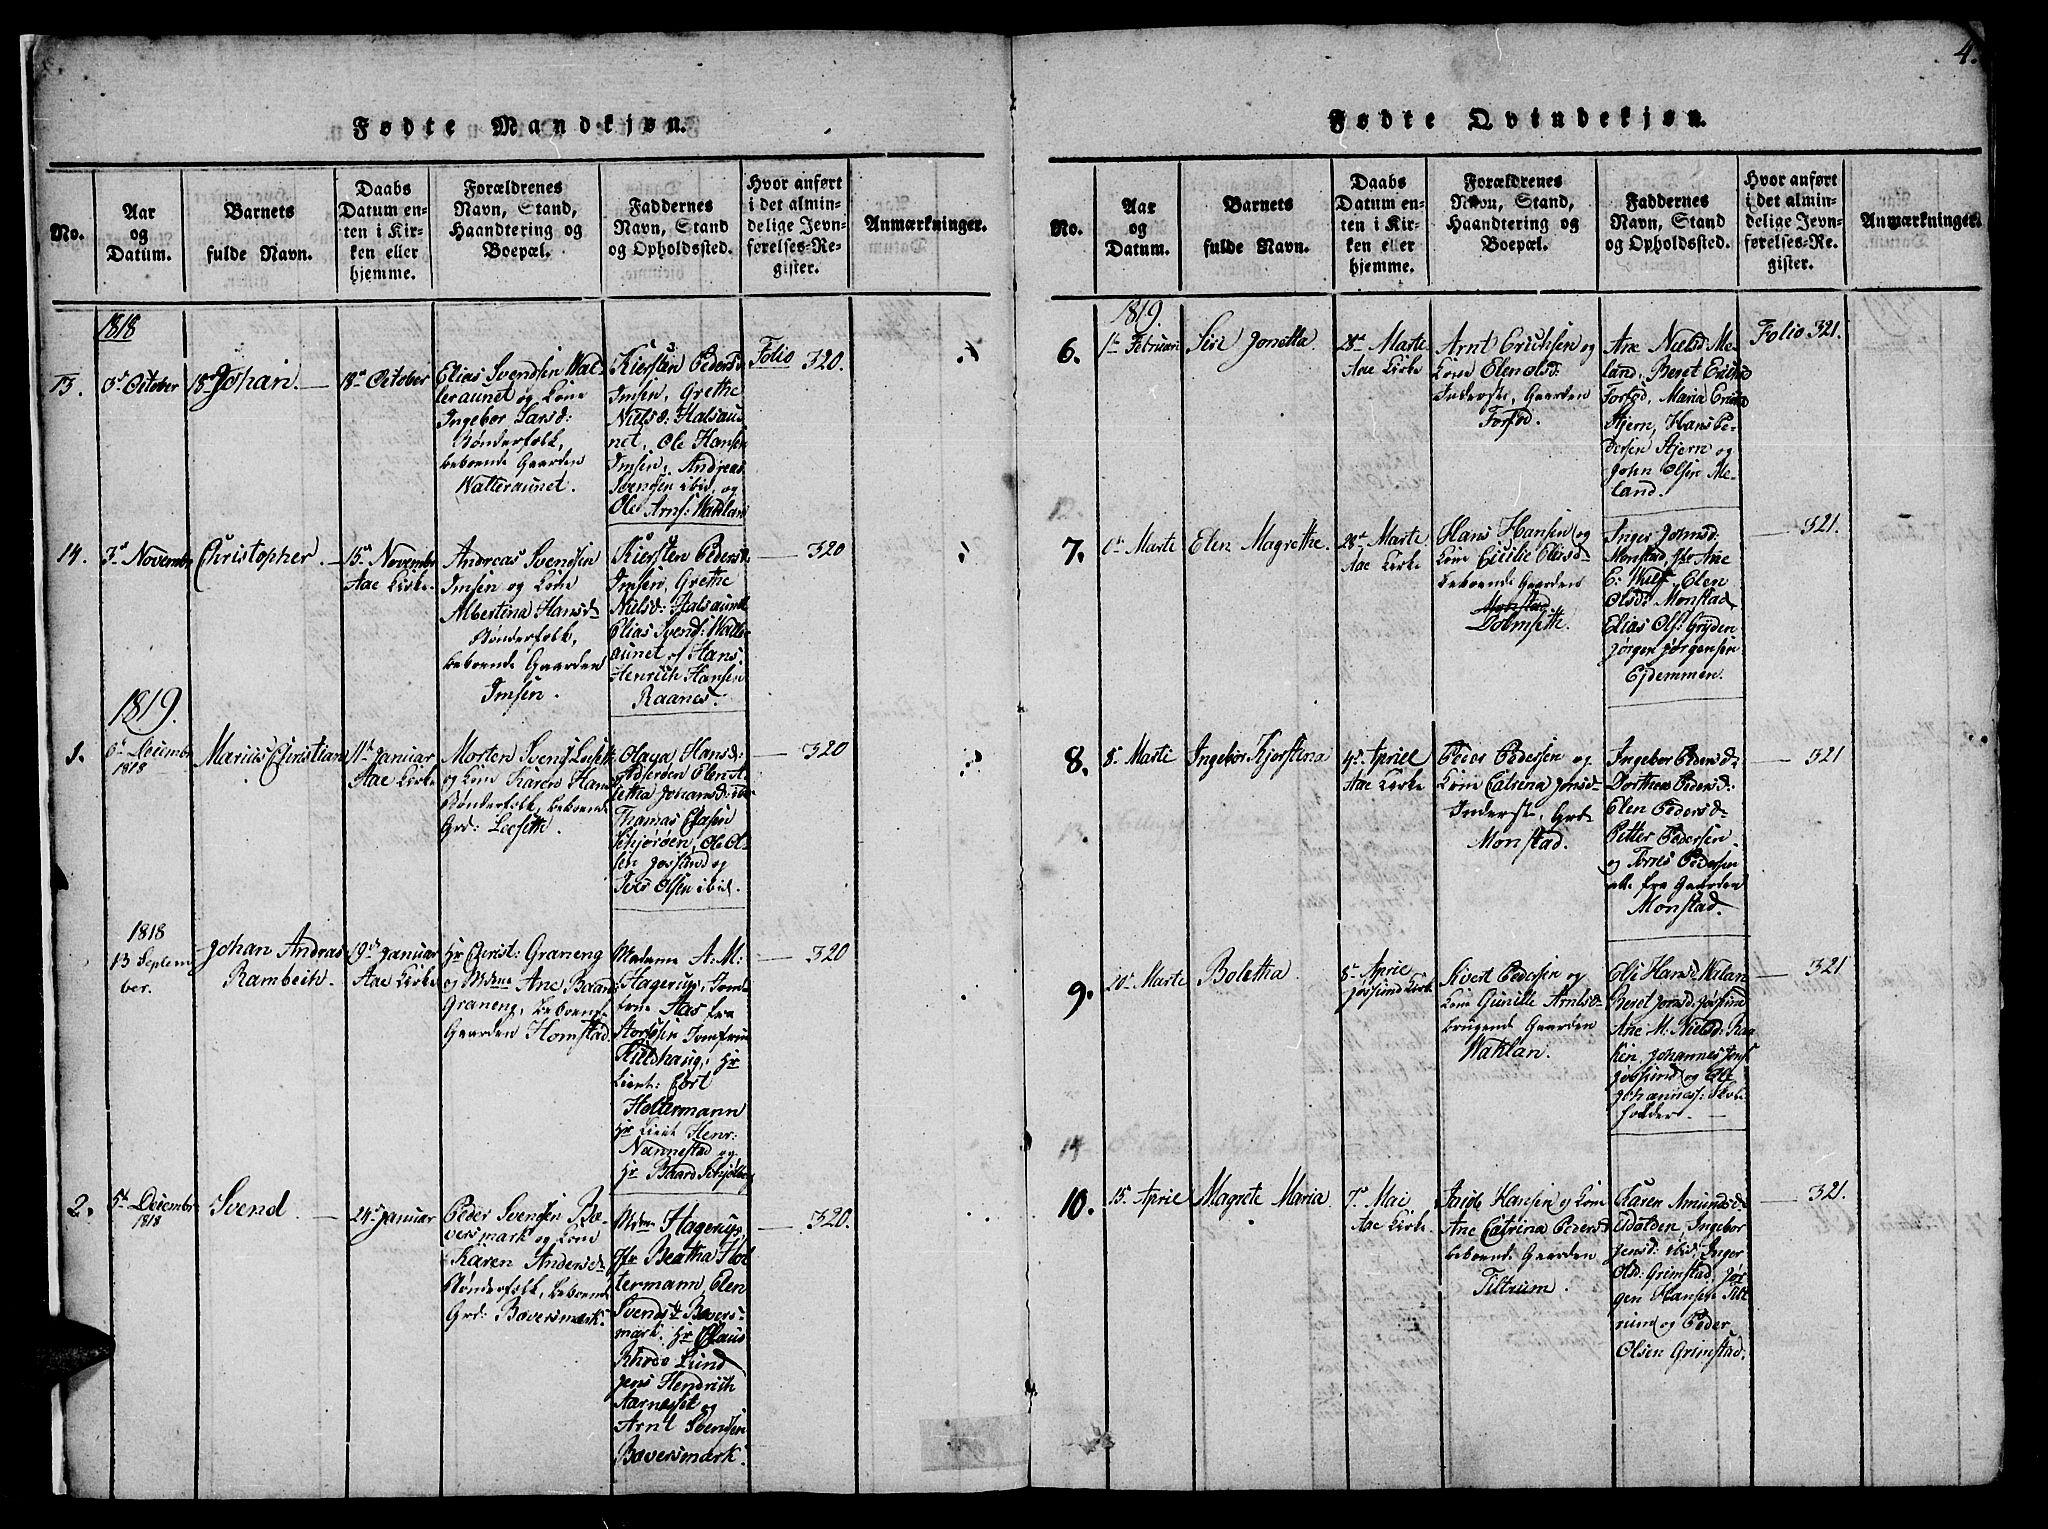 SAT, Ministerialprotokoller, klokkerbøker og fødselsregistre - Sør-Trøndelag, 655/L0675: Ministerialbok nr. 655A04, 1818-1830, s. 4